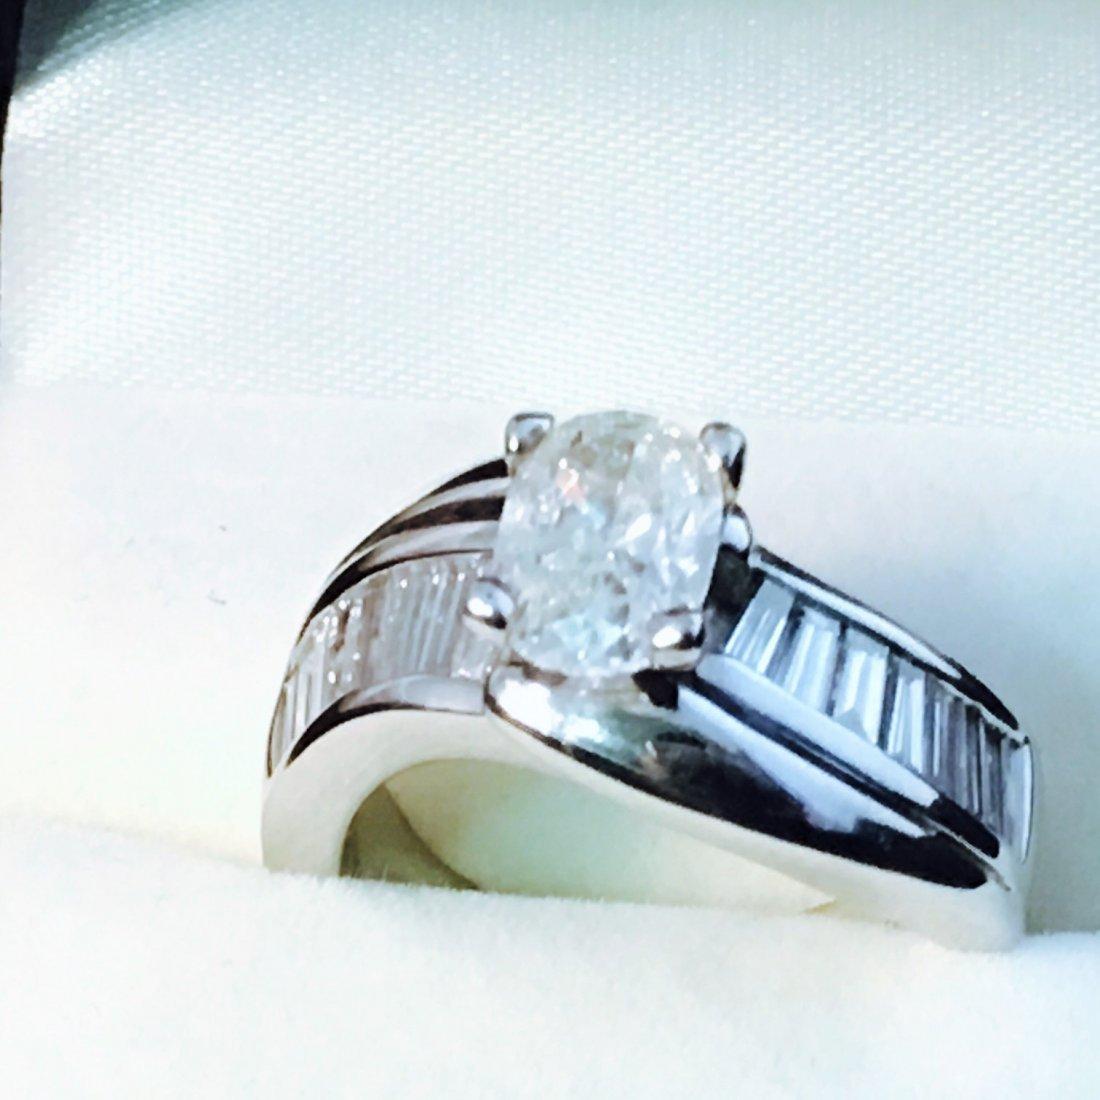 14K WHITE GOLD 2.6 CARAT DIAMOND ENGAGEMENT RING